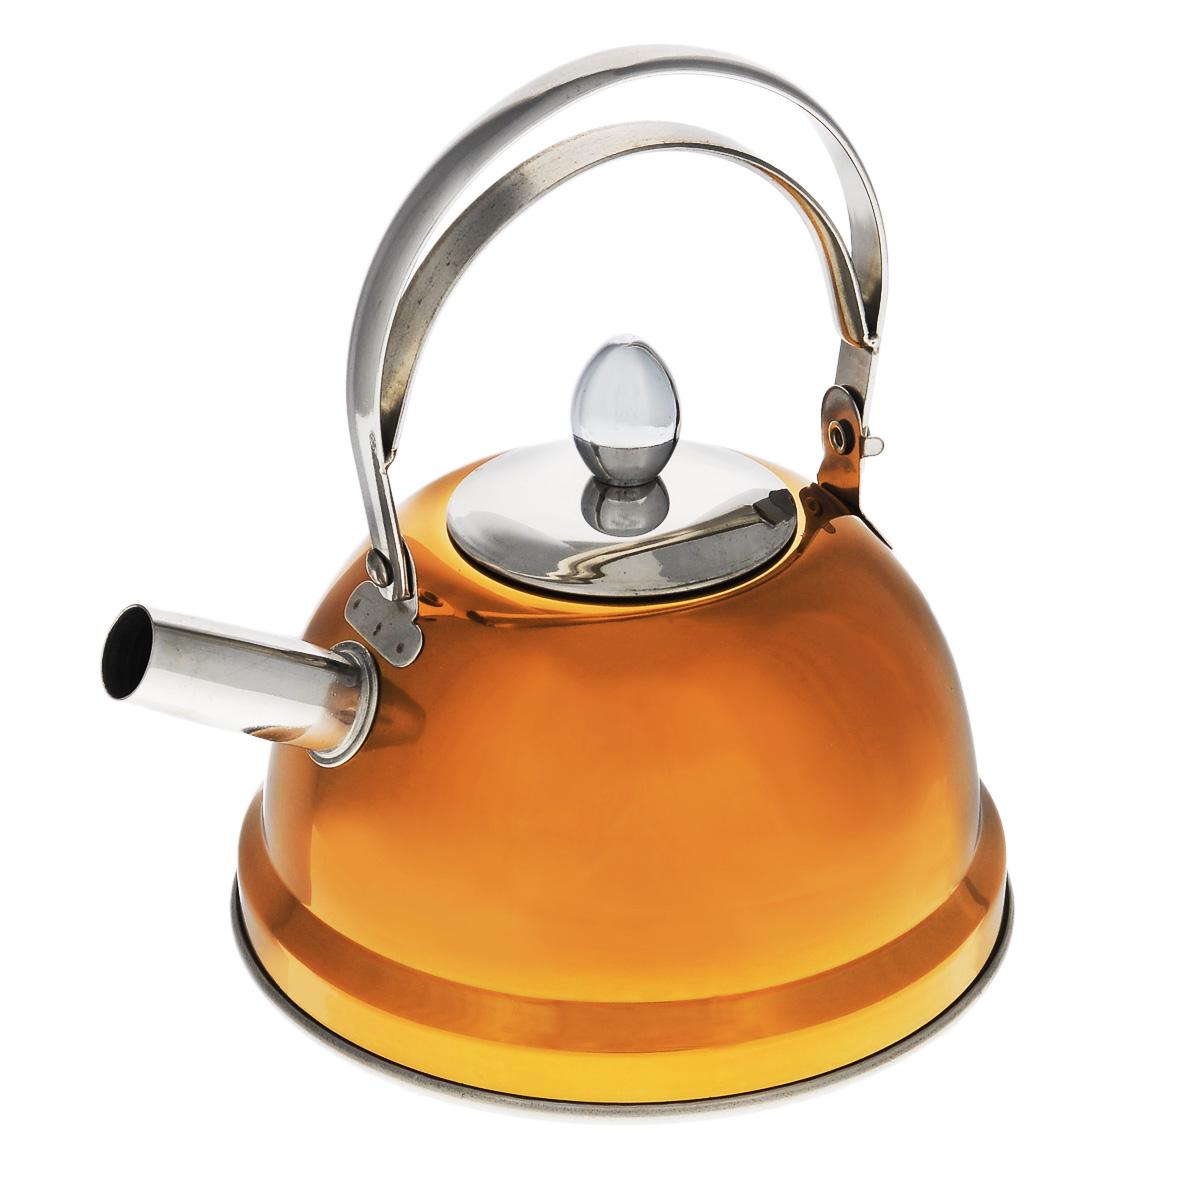 Чайник заварочный Bekker De Luxe, с ситечком, цвет: оранжевый 0,8 л. BK-S430BK-S430Чайник Bekker De Luxe выполнен из высококачественной нержавеющей стали, что обеспечивает долговечность использования. Внешнее цветное зеркальное покрытие придает приятный внешний вид. Капсулированное дно распределяет тепло по всей поверхности, что позволяет чайнику быстро закипать. Эргономичная подвижная ручка выполнена из нержавеющей стали. Чайник снабжен ситечком для заваривания. Можно мыть в посудомоечной машине. Пригоден для всех видов плит, включая индукционные. Диаметр (по верхнему краю): 5 см.Высота чайника (без учета крышки и ручки): 8 см.Высота чайника (с учетом ручки): 17,5 см.Диаметр основания: 14 см. Толщина стенки: 0,5 мм.Высота ситечка: 5,5 см.